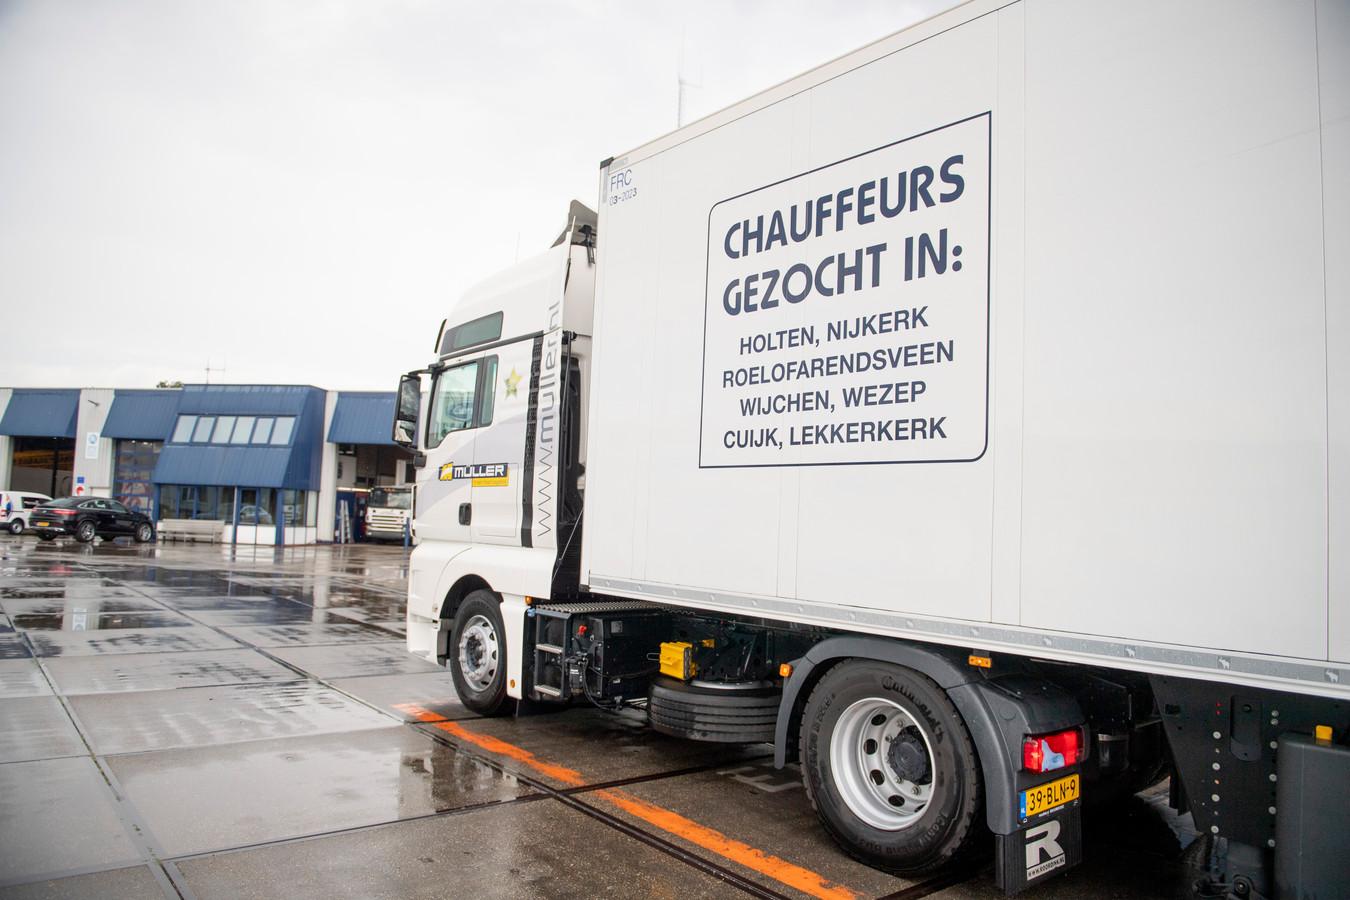 Muller kampt met een chauffeurstekort, net als veel andere bedrijven. Het bedrijf heeft op alle voertuigen groot 'Chauffeurs GEZOCHT' geplaatst.